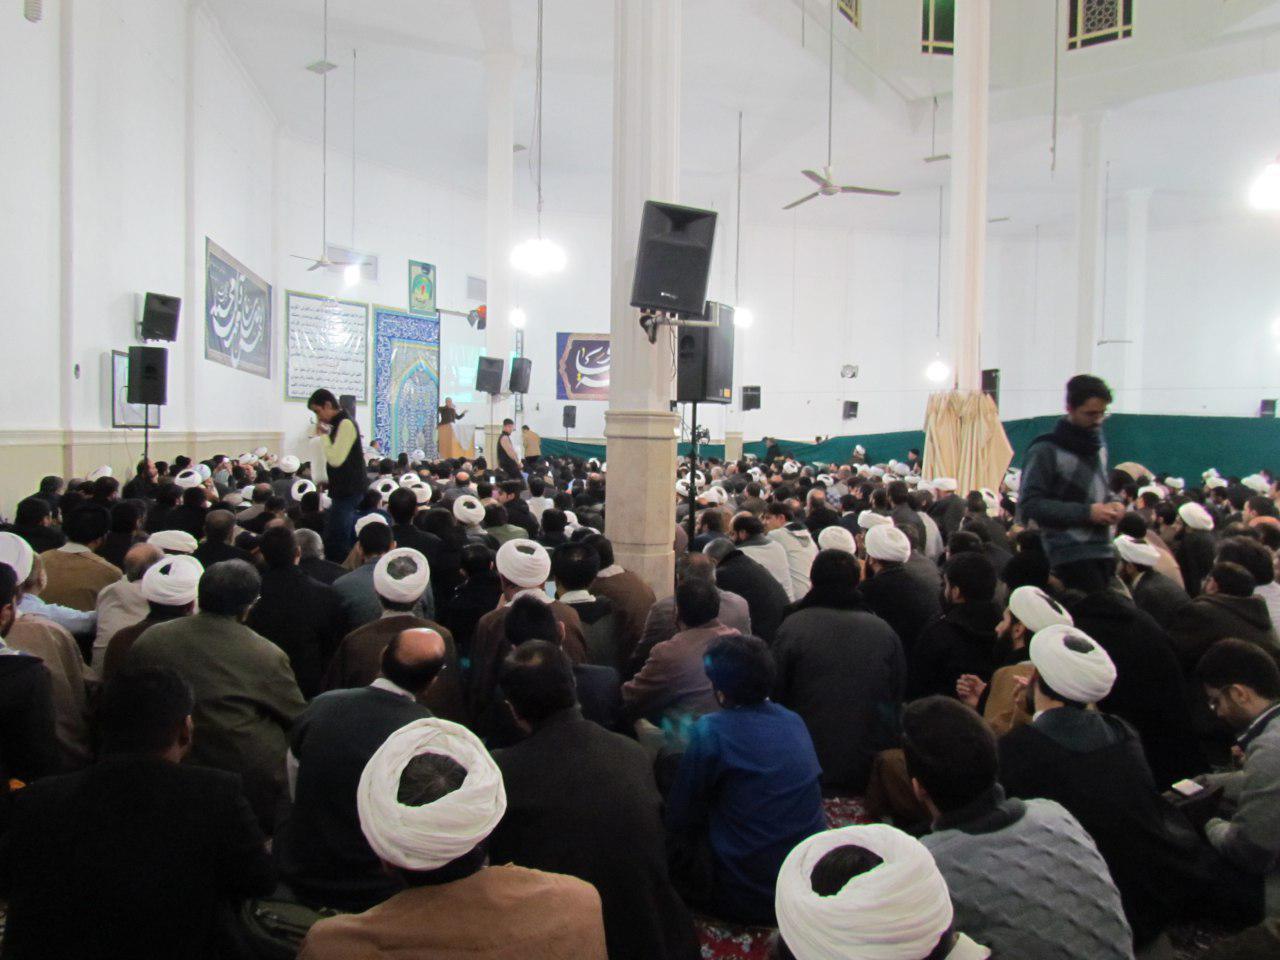 سخنرانی استاد حسن عباسی در مسجد جامع خاتم الانبیا (ص) قم - لیبرالها به بهشت نمیروند